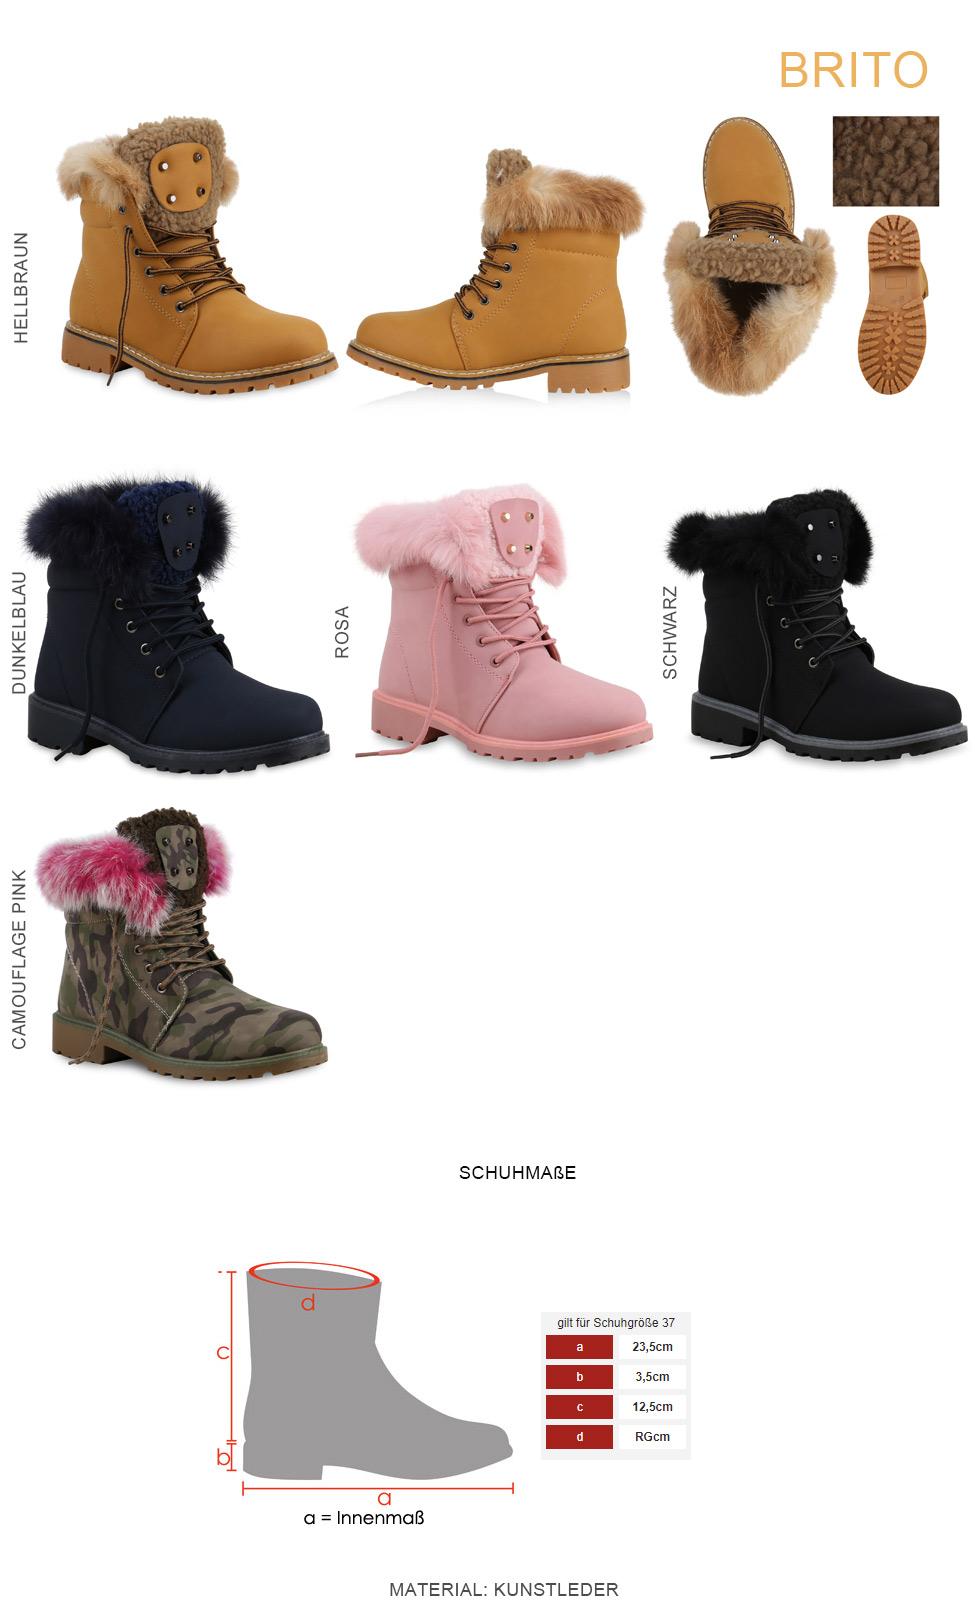 Herren Schuhe 46 Stiefel Damenamp; Warm Gefütterte Winter 36 rBoeCxd